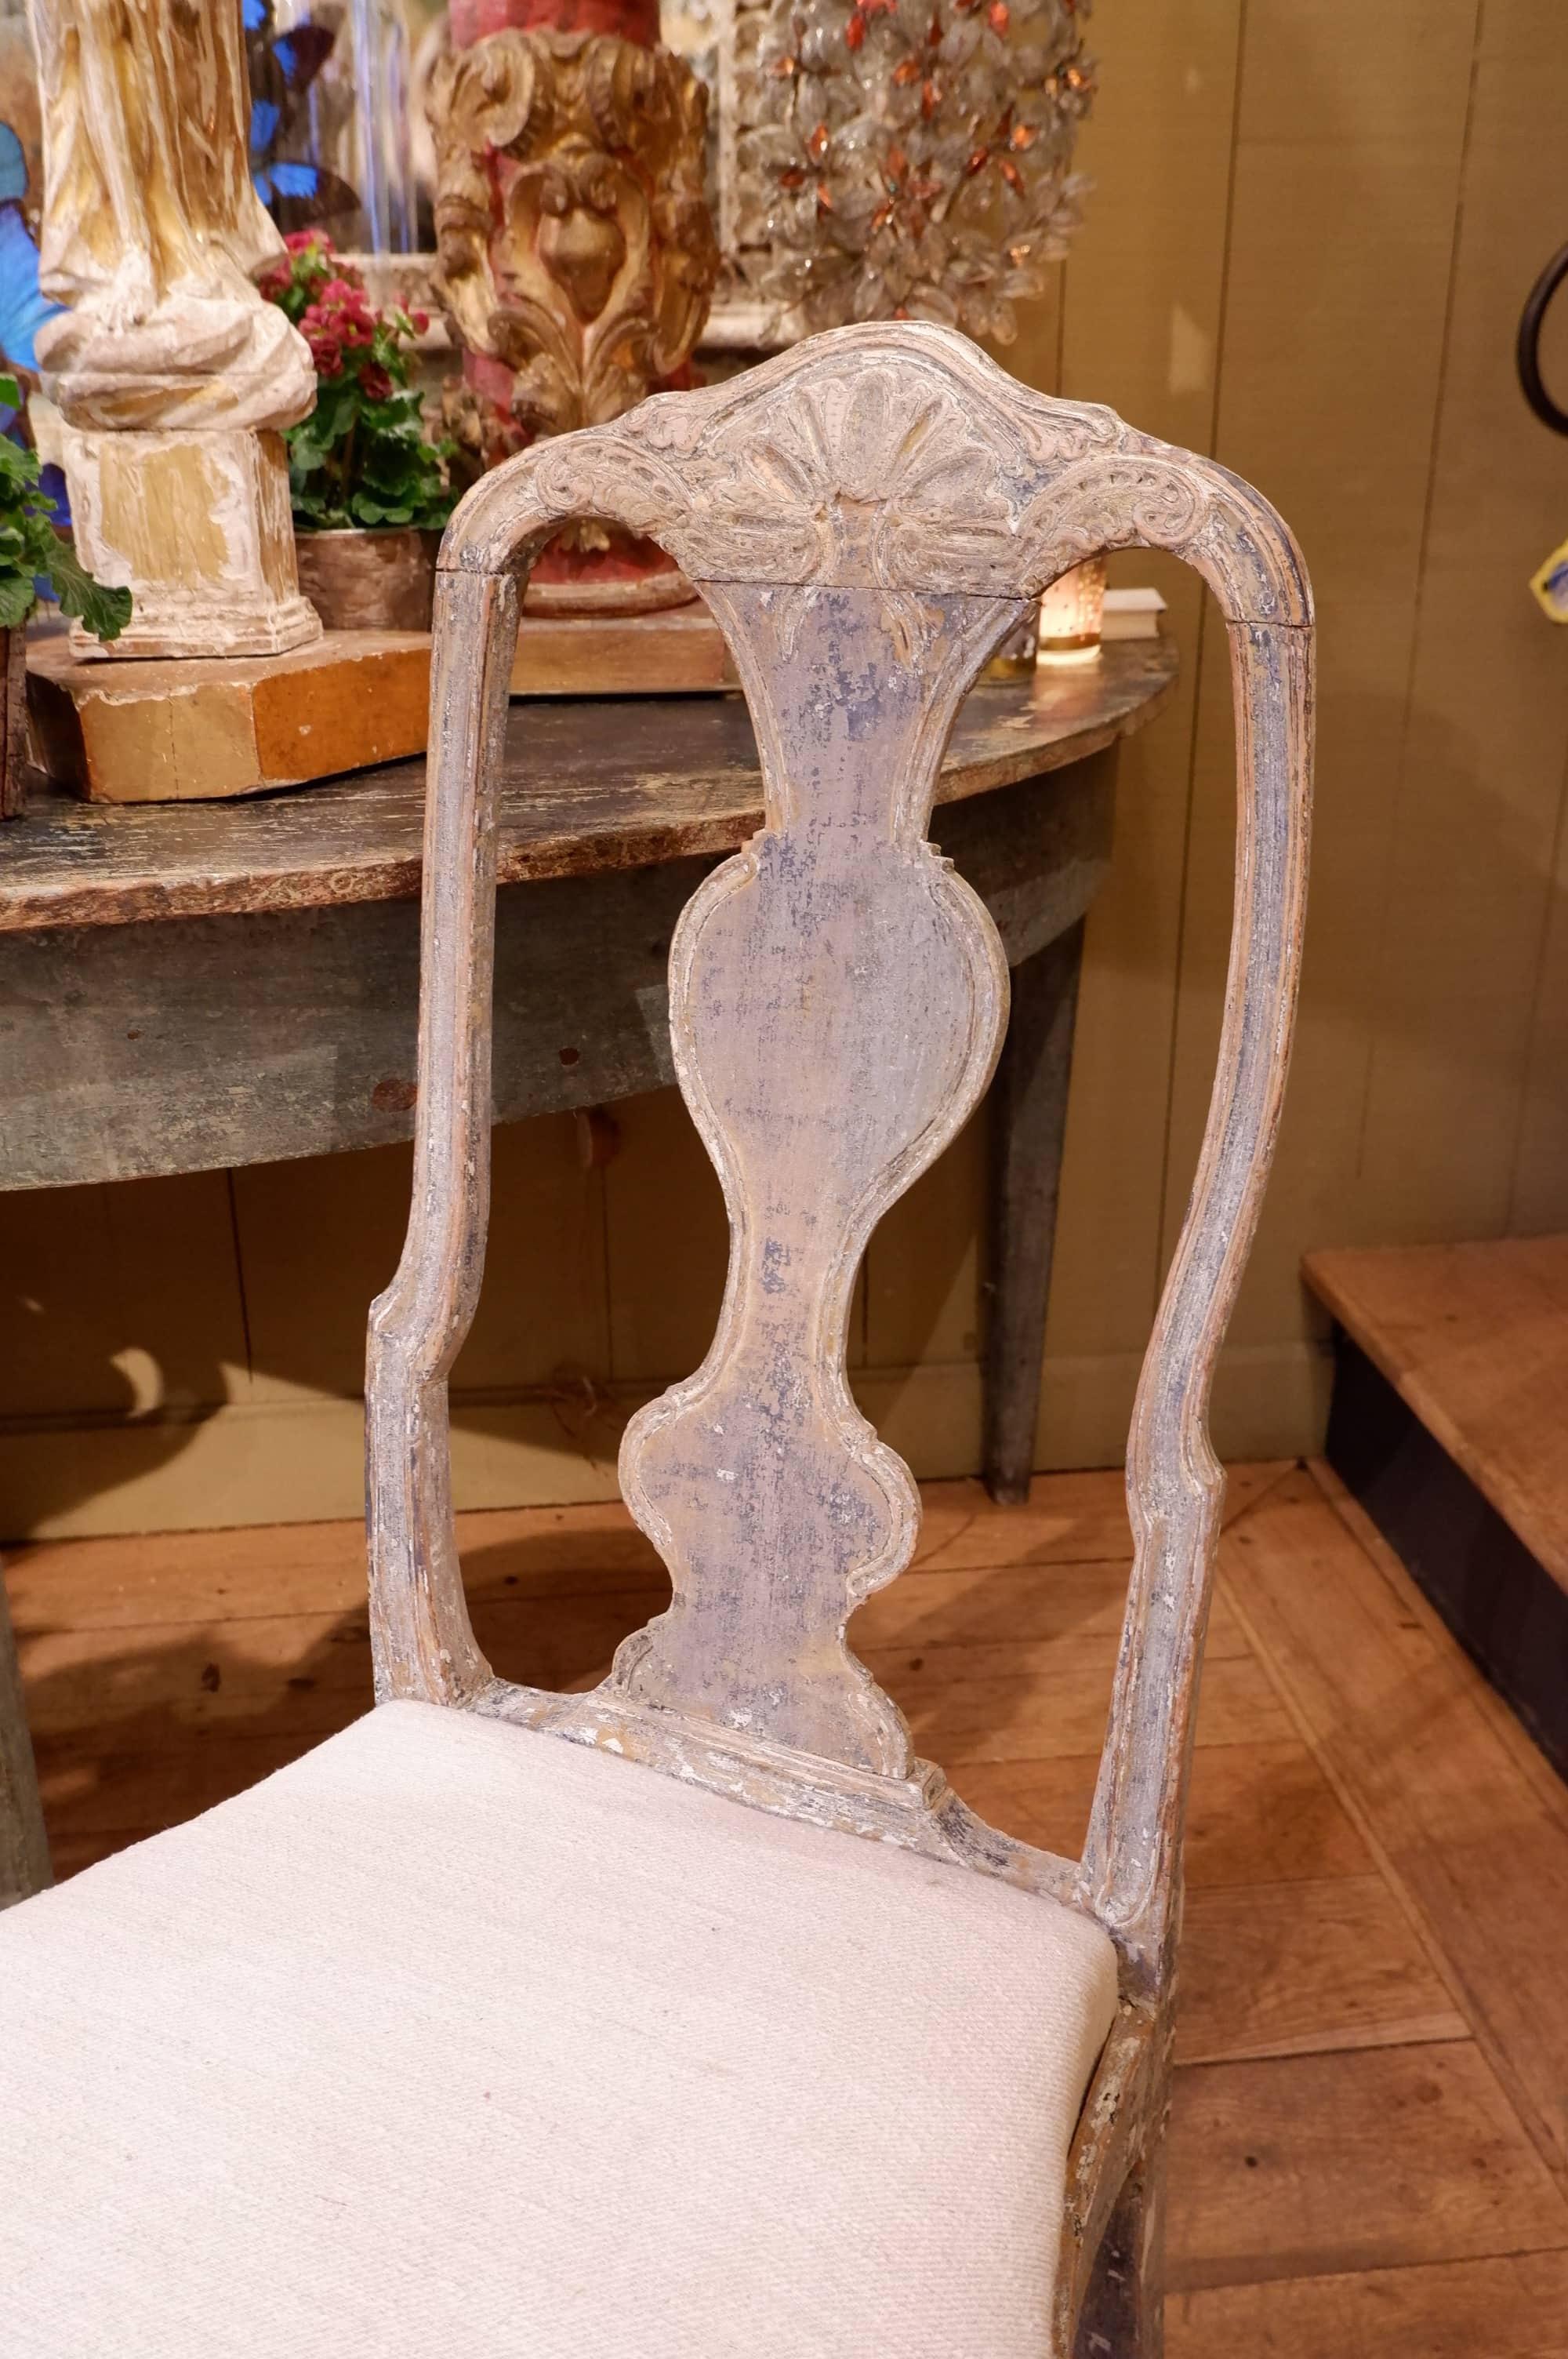 Suite de 6 chaises Roccoco suédoises patine gris bleu époque XVIIIe